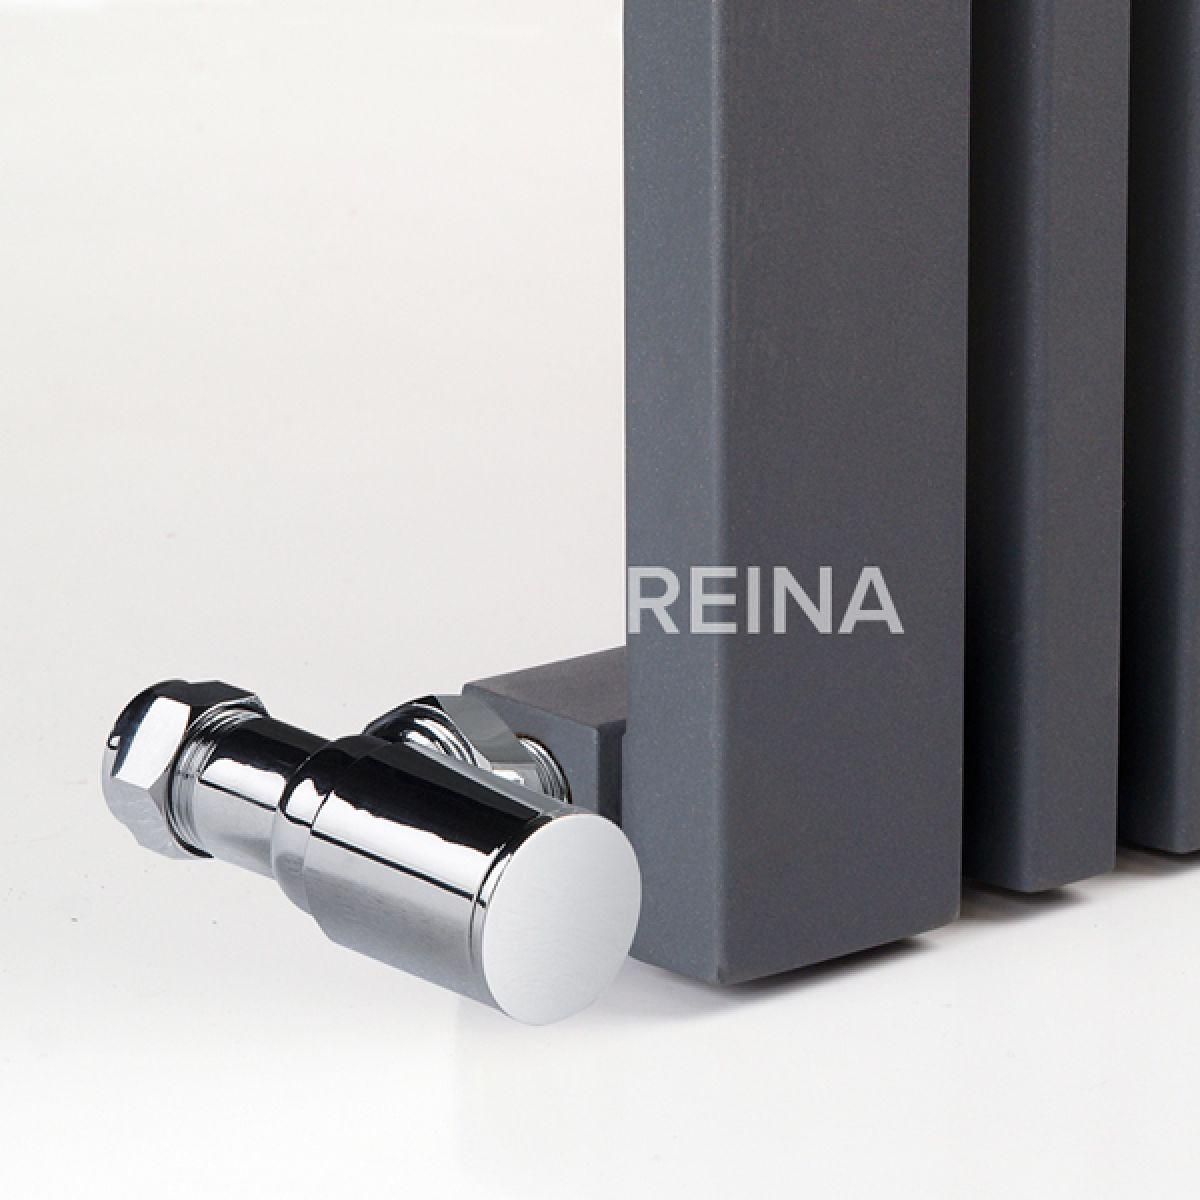 Reina Bonera Horizontal Anthracite Designer Column Radiator Detail